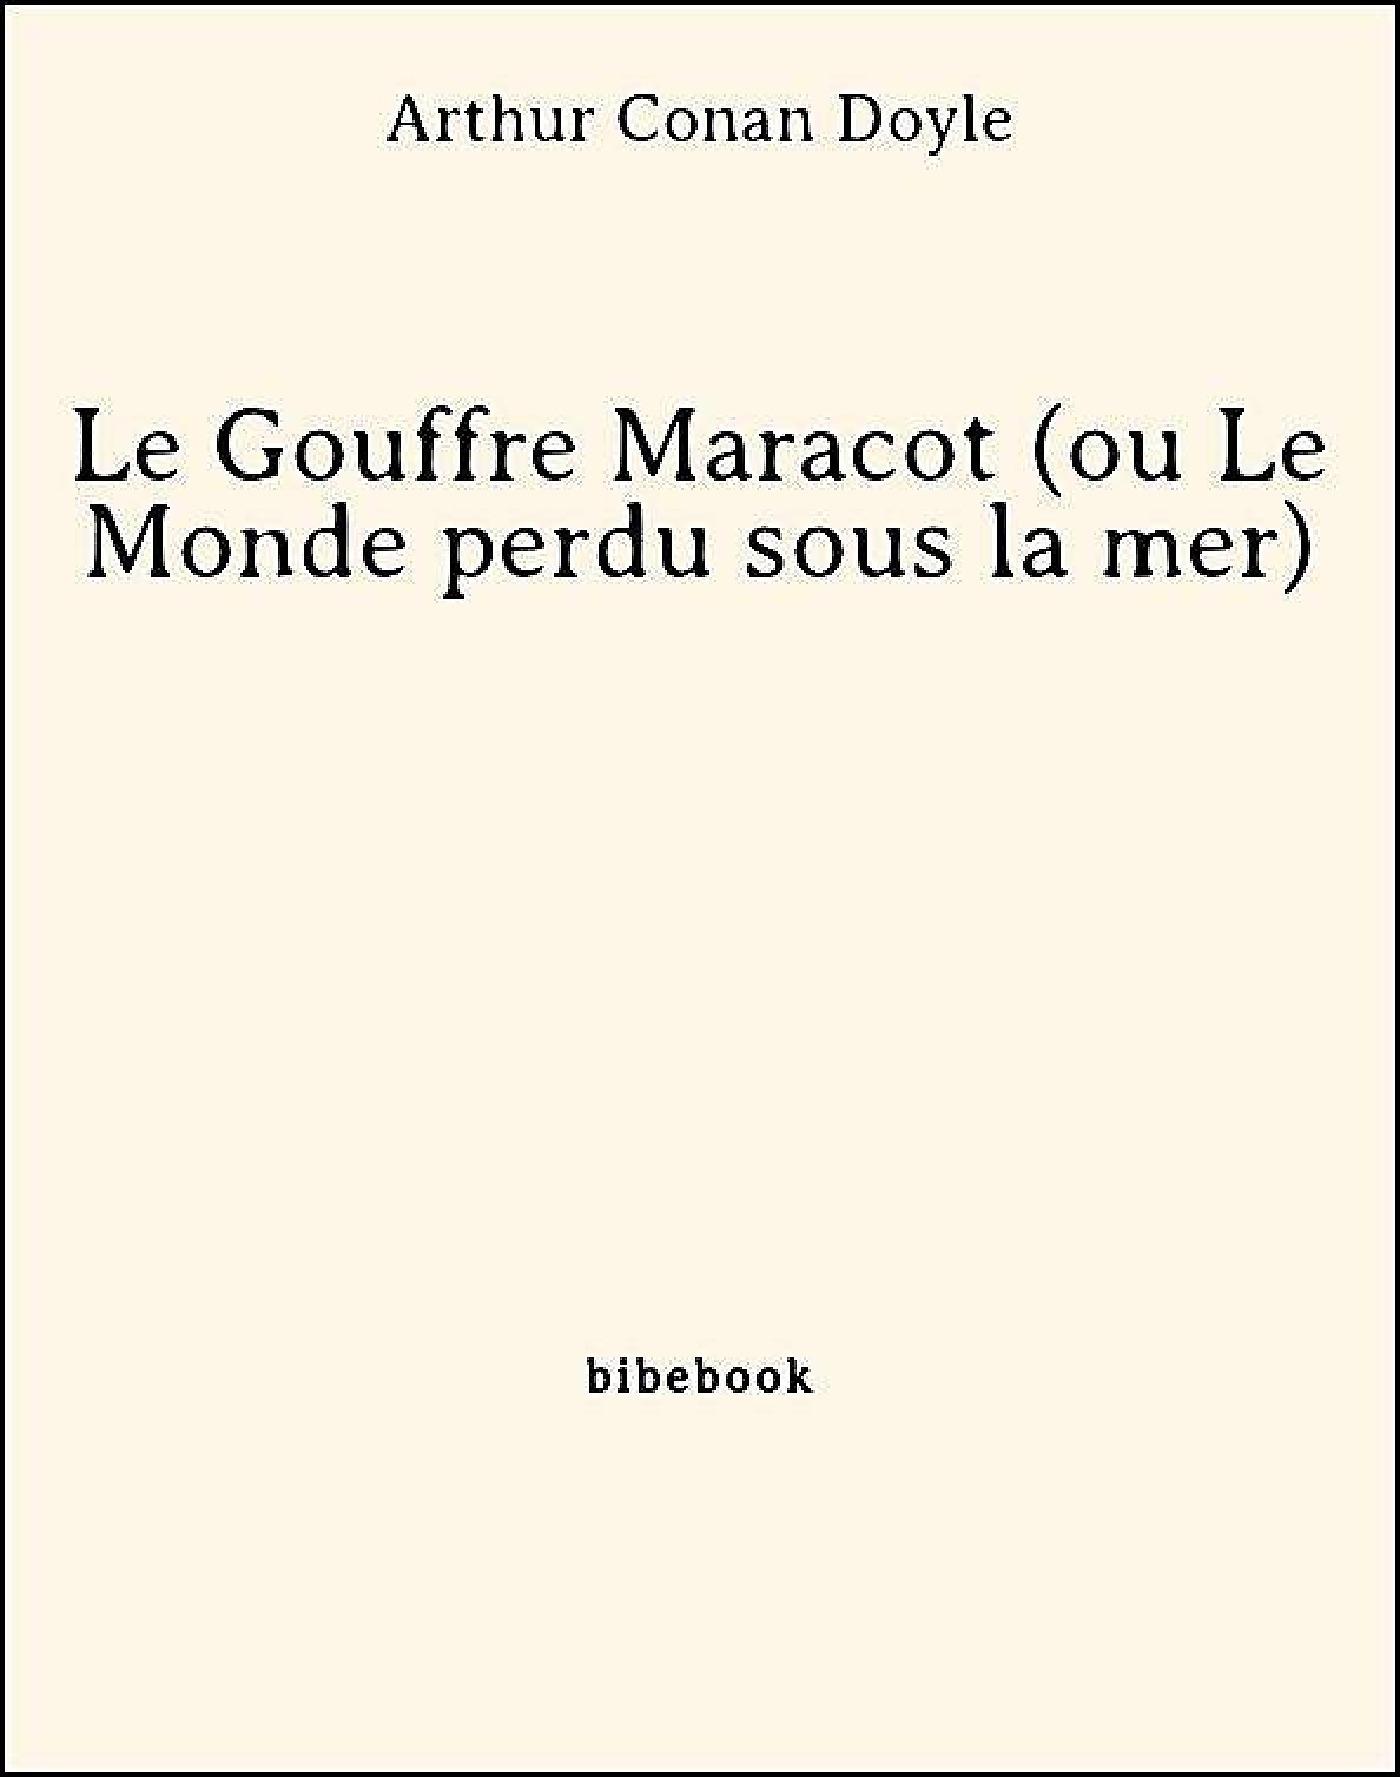 Le Gouffre Maracot (ou Le Monde perdu sous la mer)